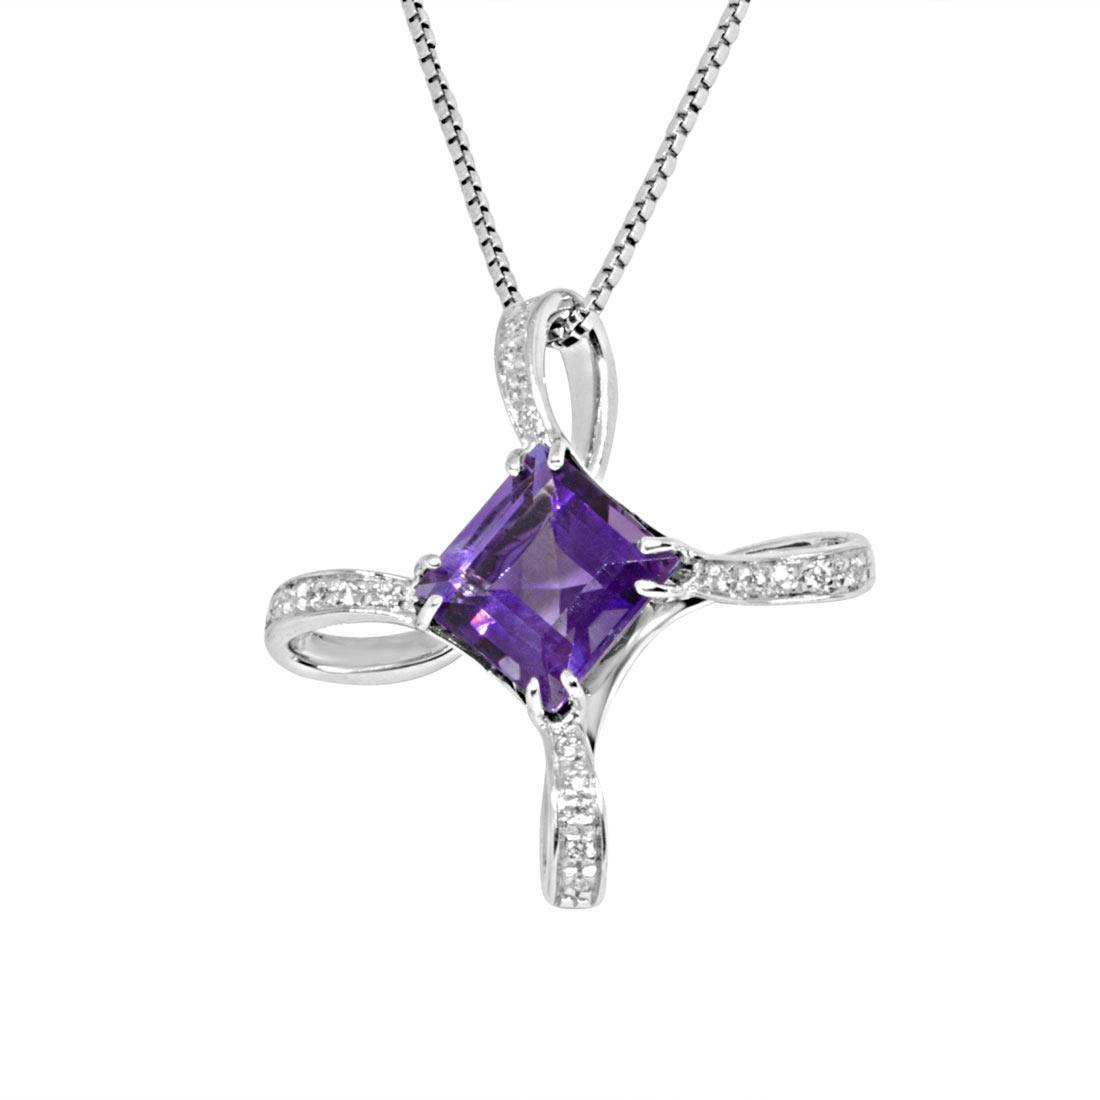 Collana in oro bianco, pendente con diamanti e ametista - ALFIERI ST JOHN